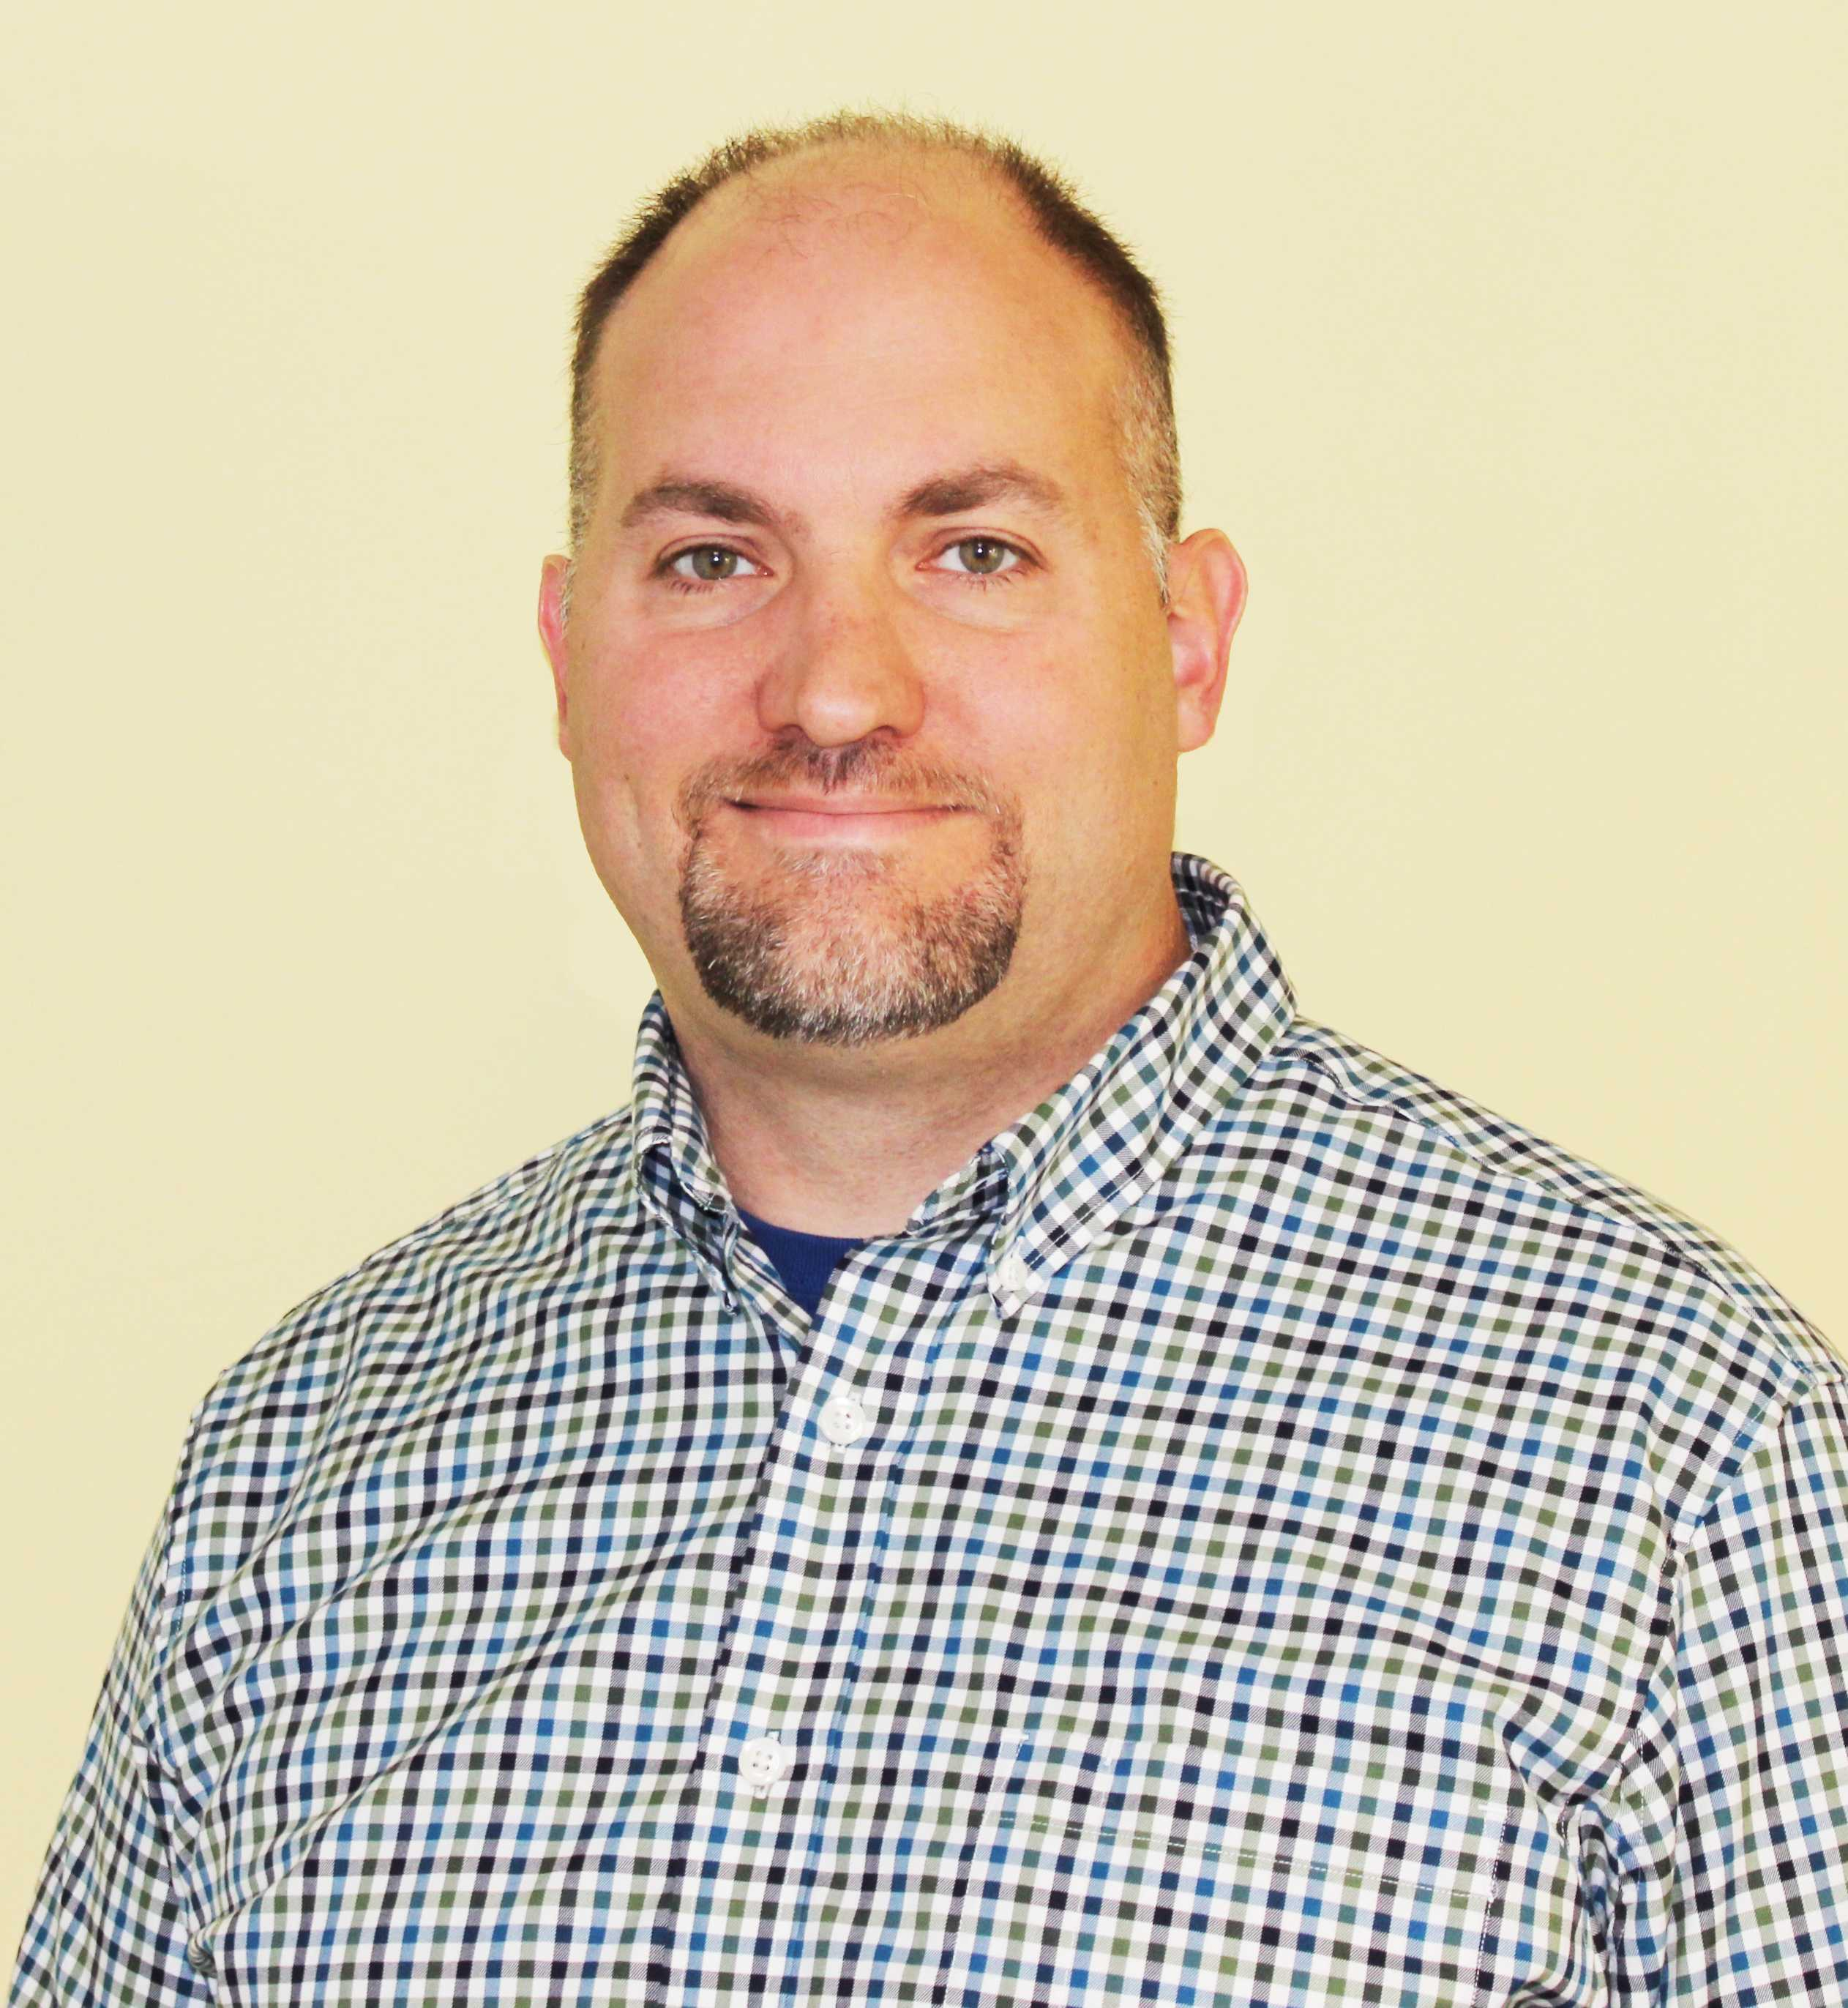 Dave-Meyer-BizzyWeb-Speaker-Inbound-Marketing-Sales